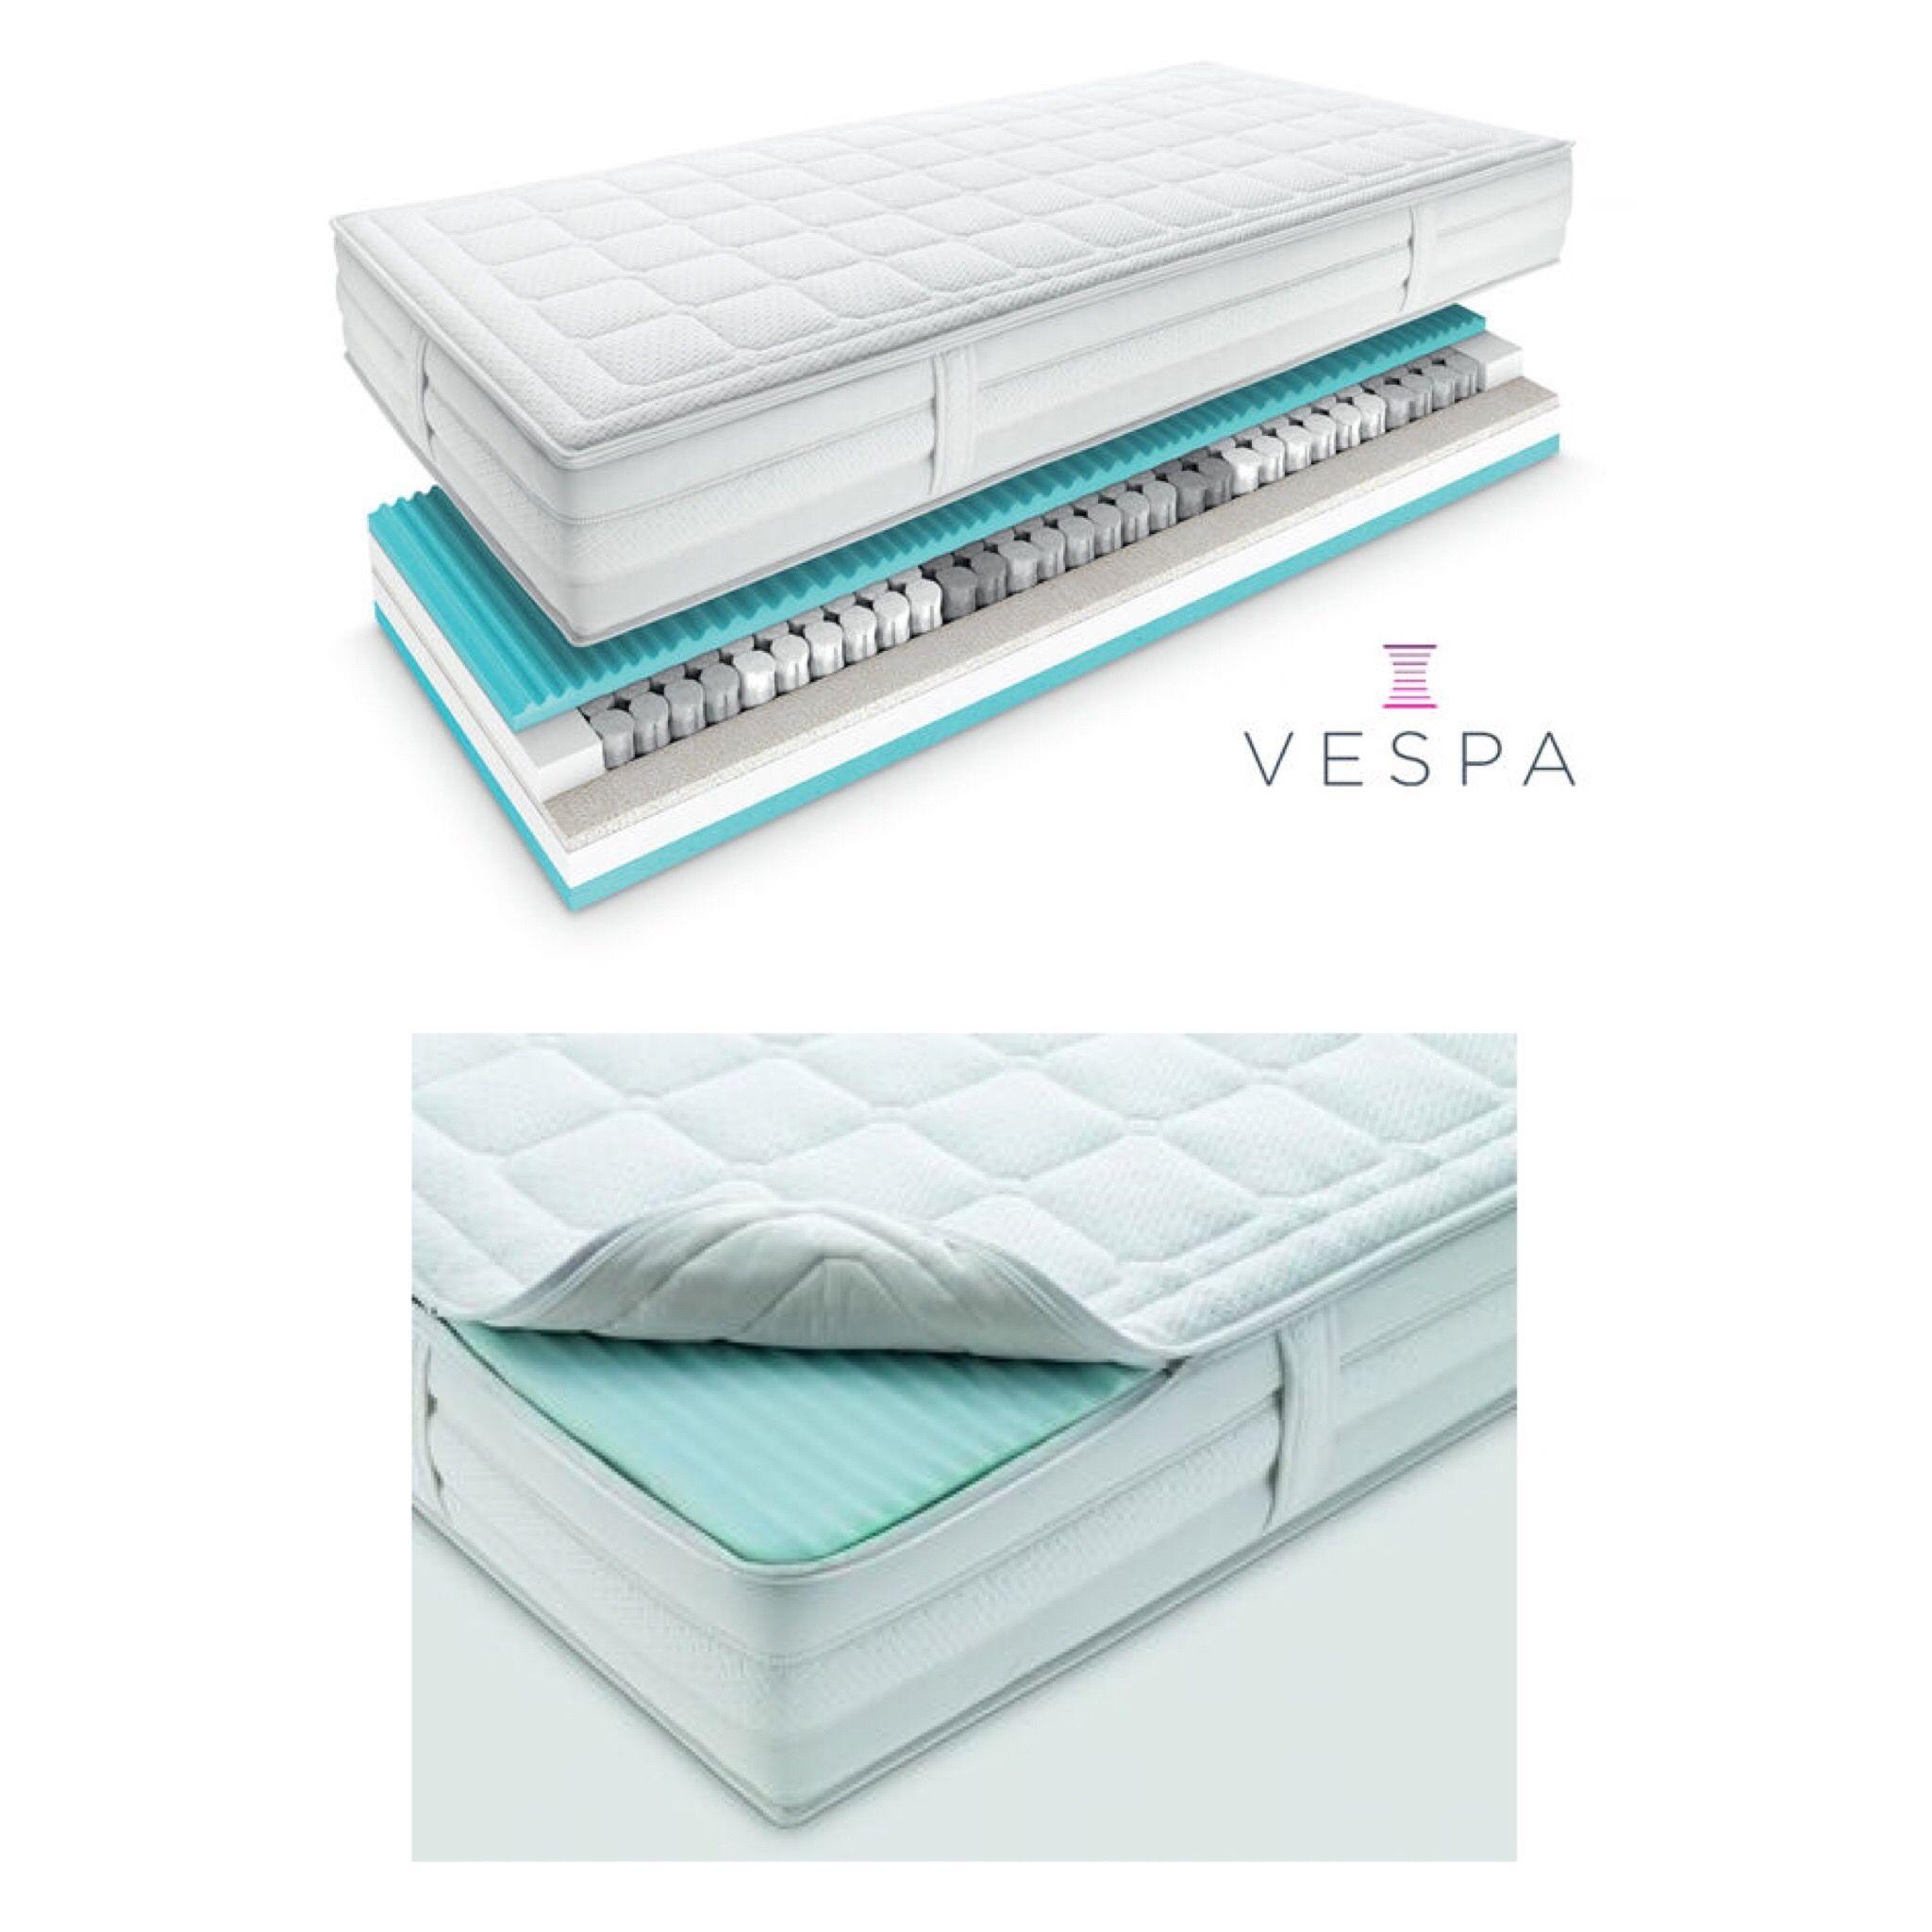 Die Superba Excelsior Matratze Kombiniert Einen Innovativen Taschenfederkern Mit Einer Atmungsaktiven Auflage A Matratze Innovation Technologische Innovationen